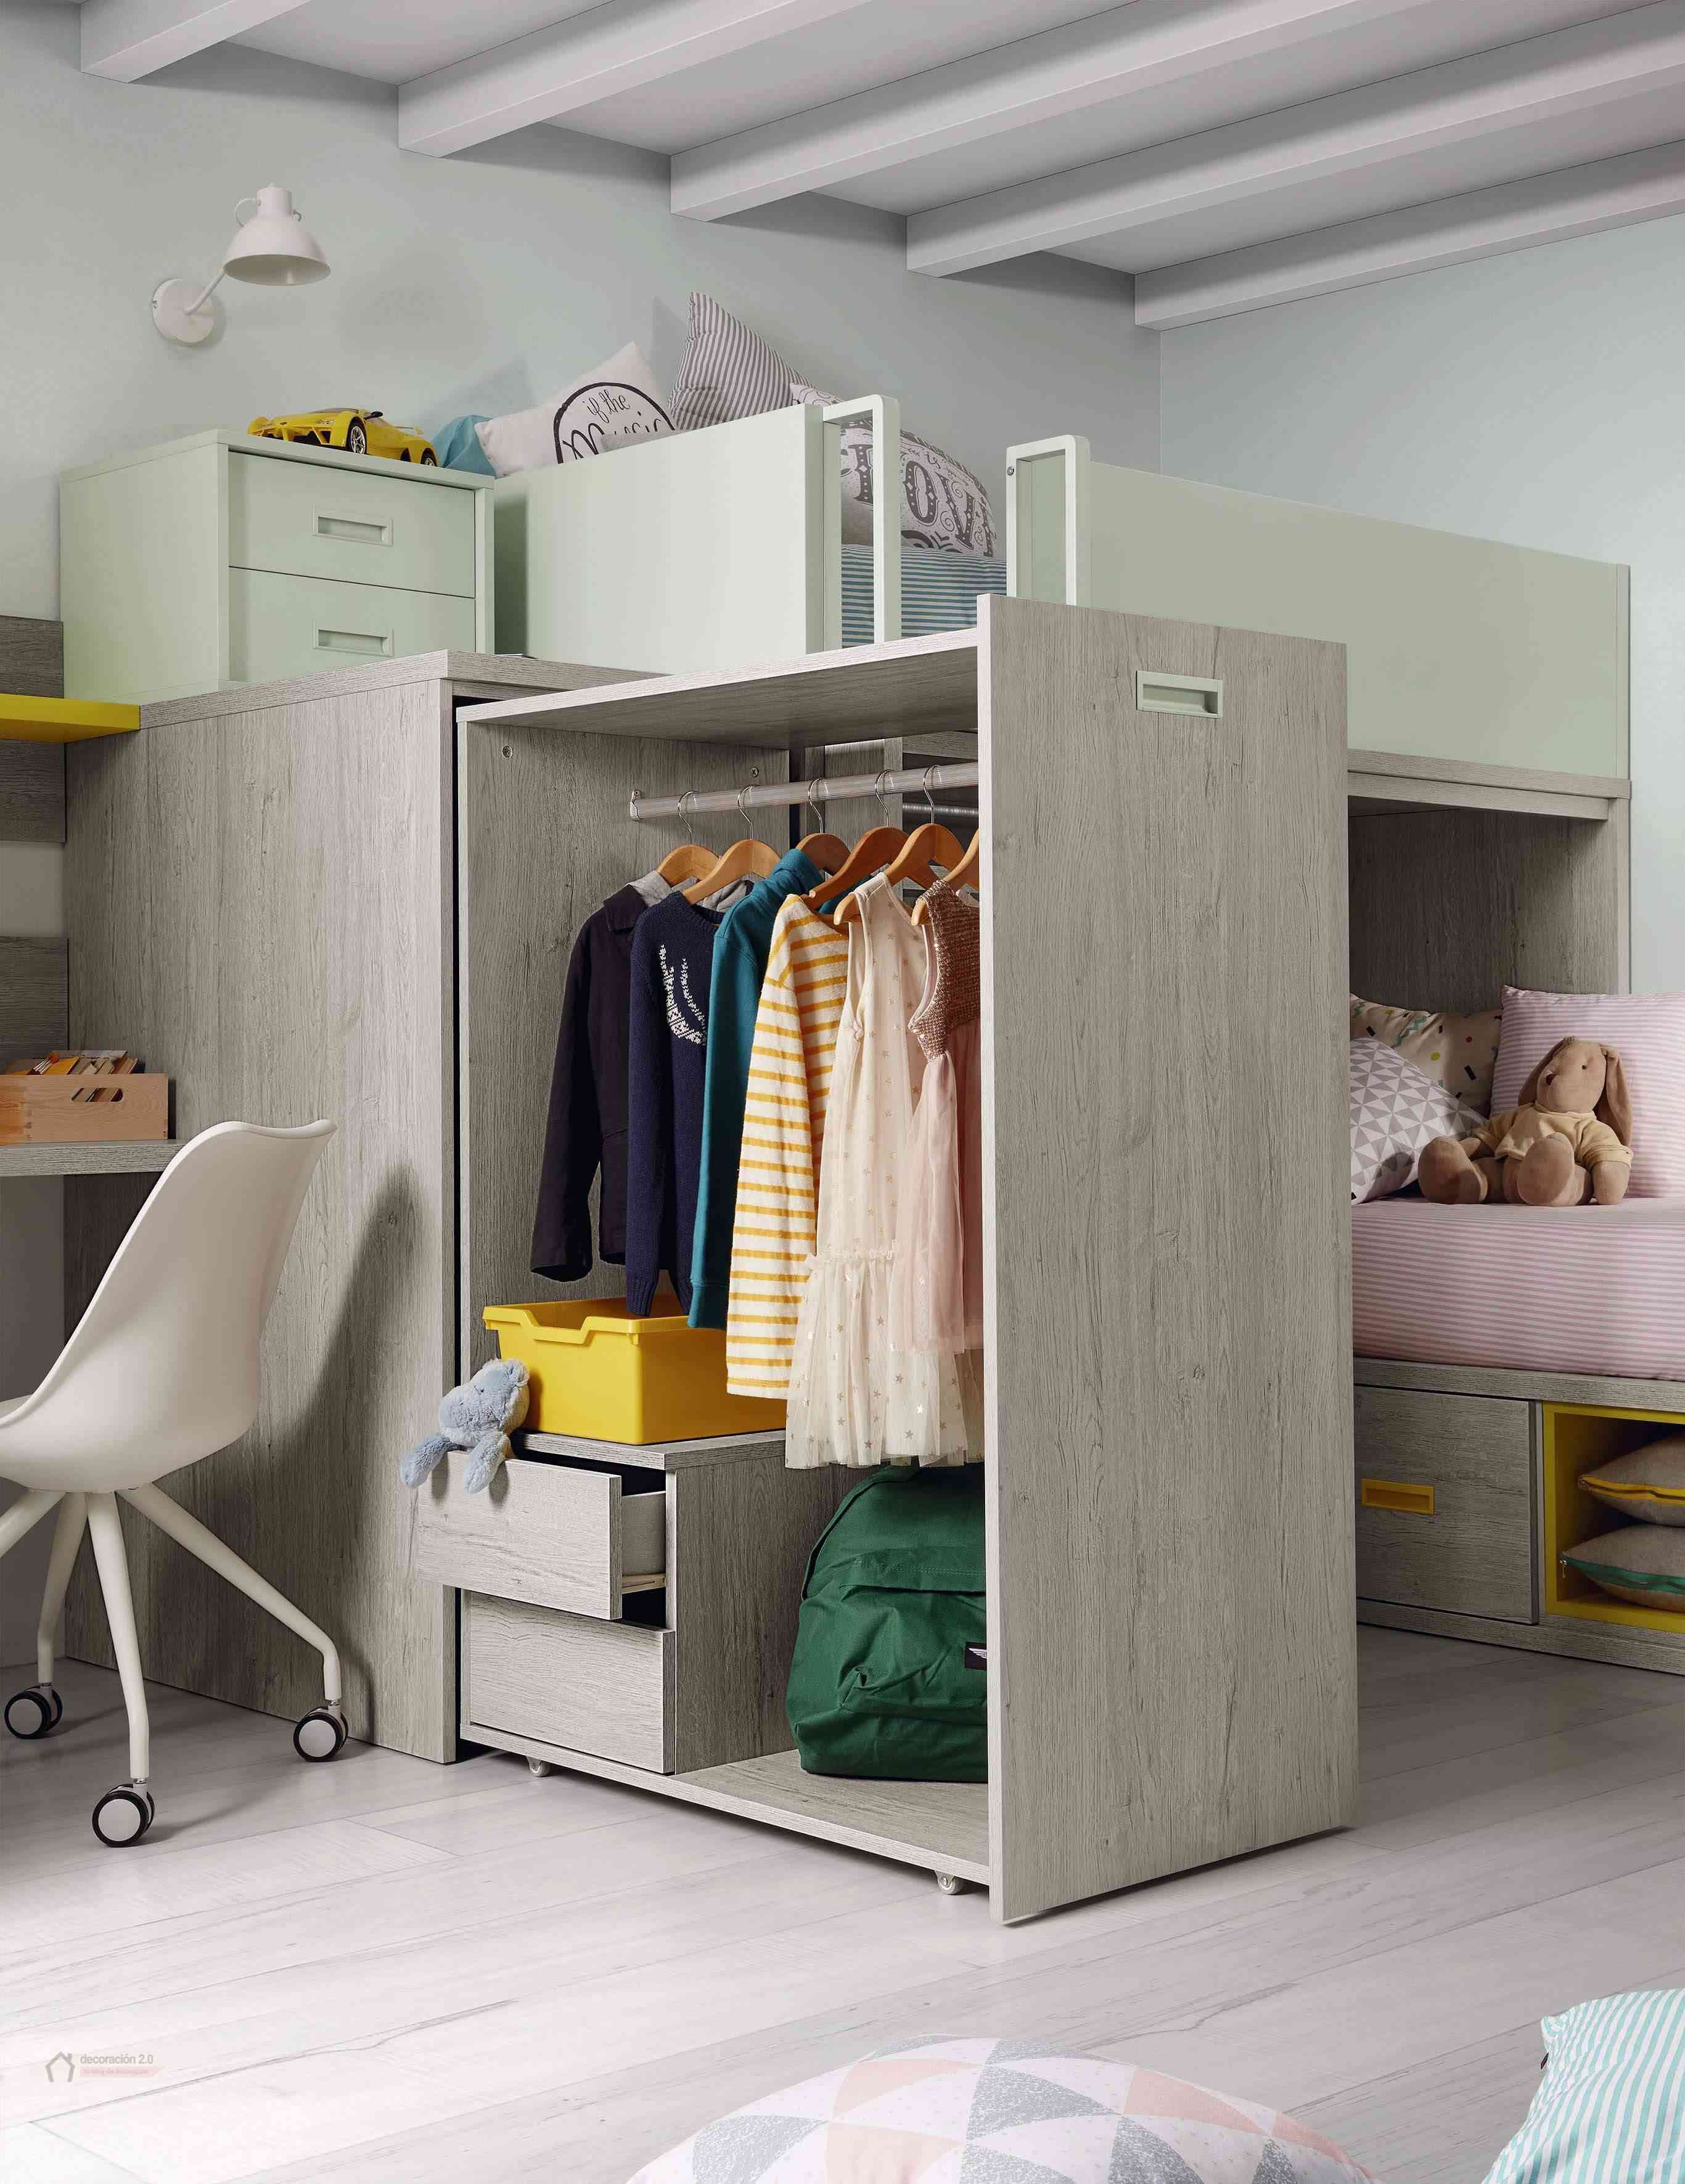 Dormitorios muy tecnológicos que siguen el ritmo de niños y jóvenes 26